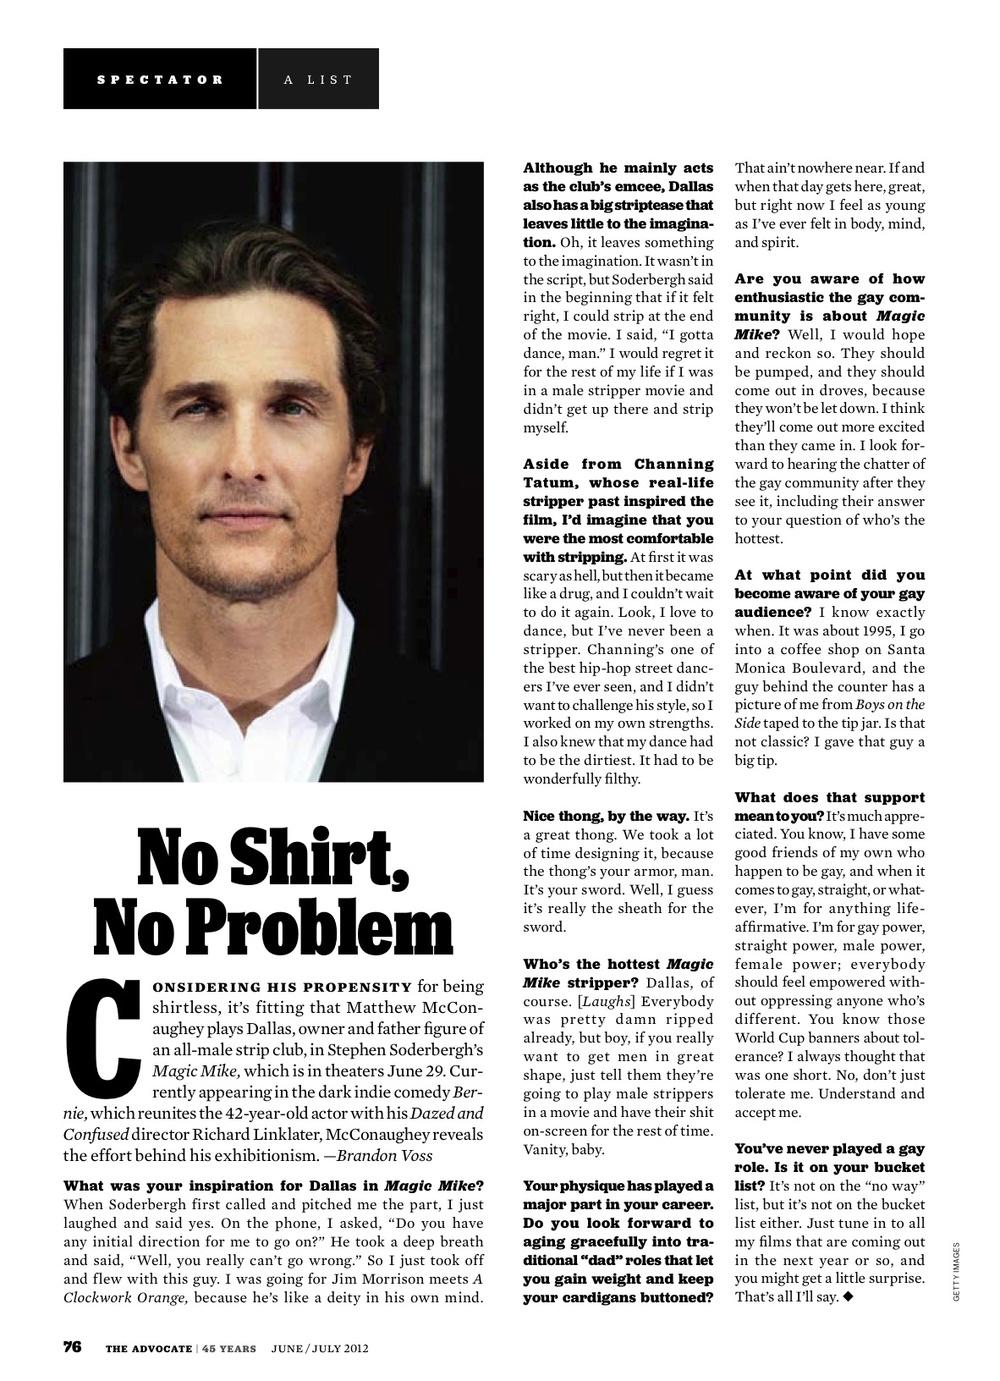 Matthew McConaughey.jpg